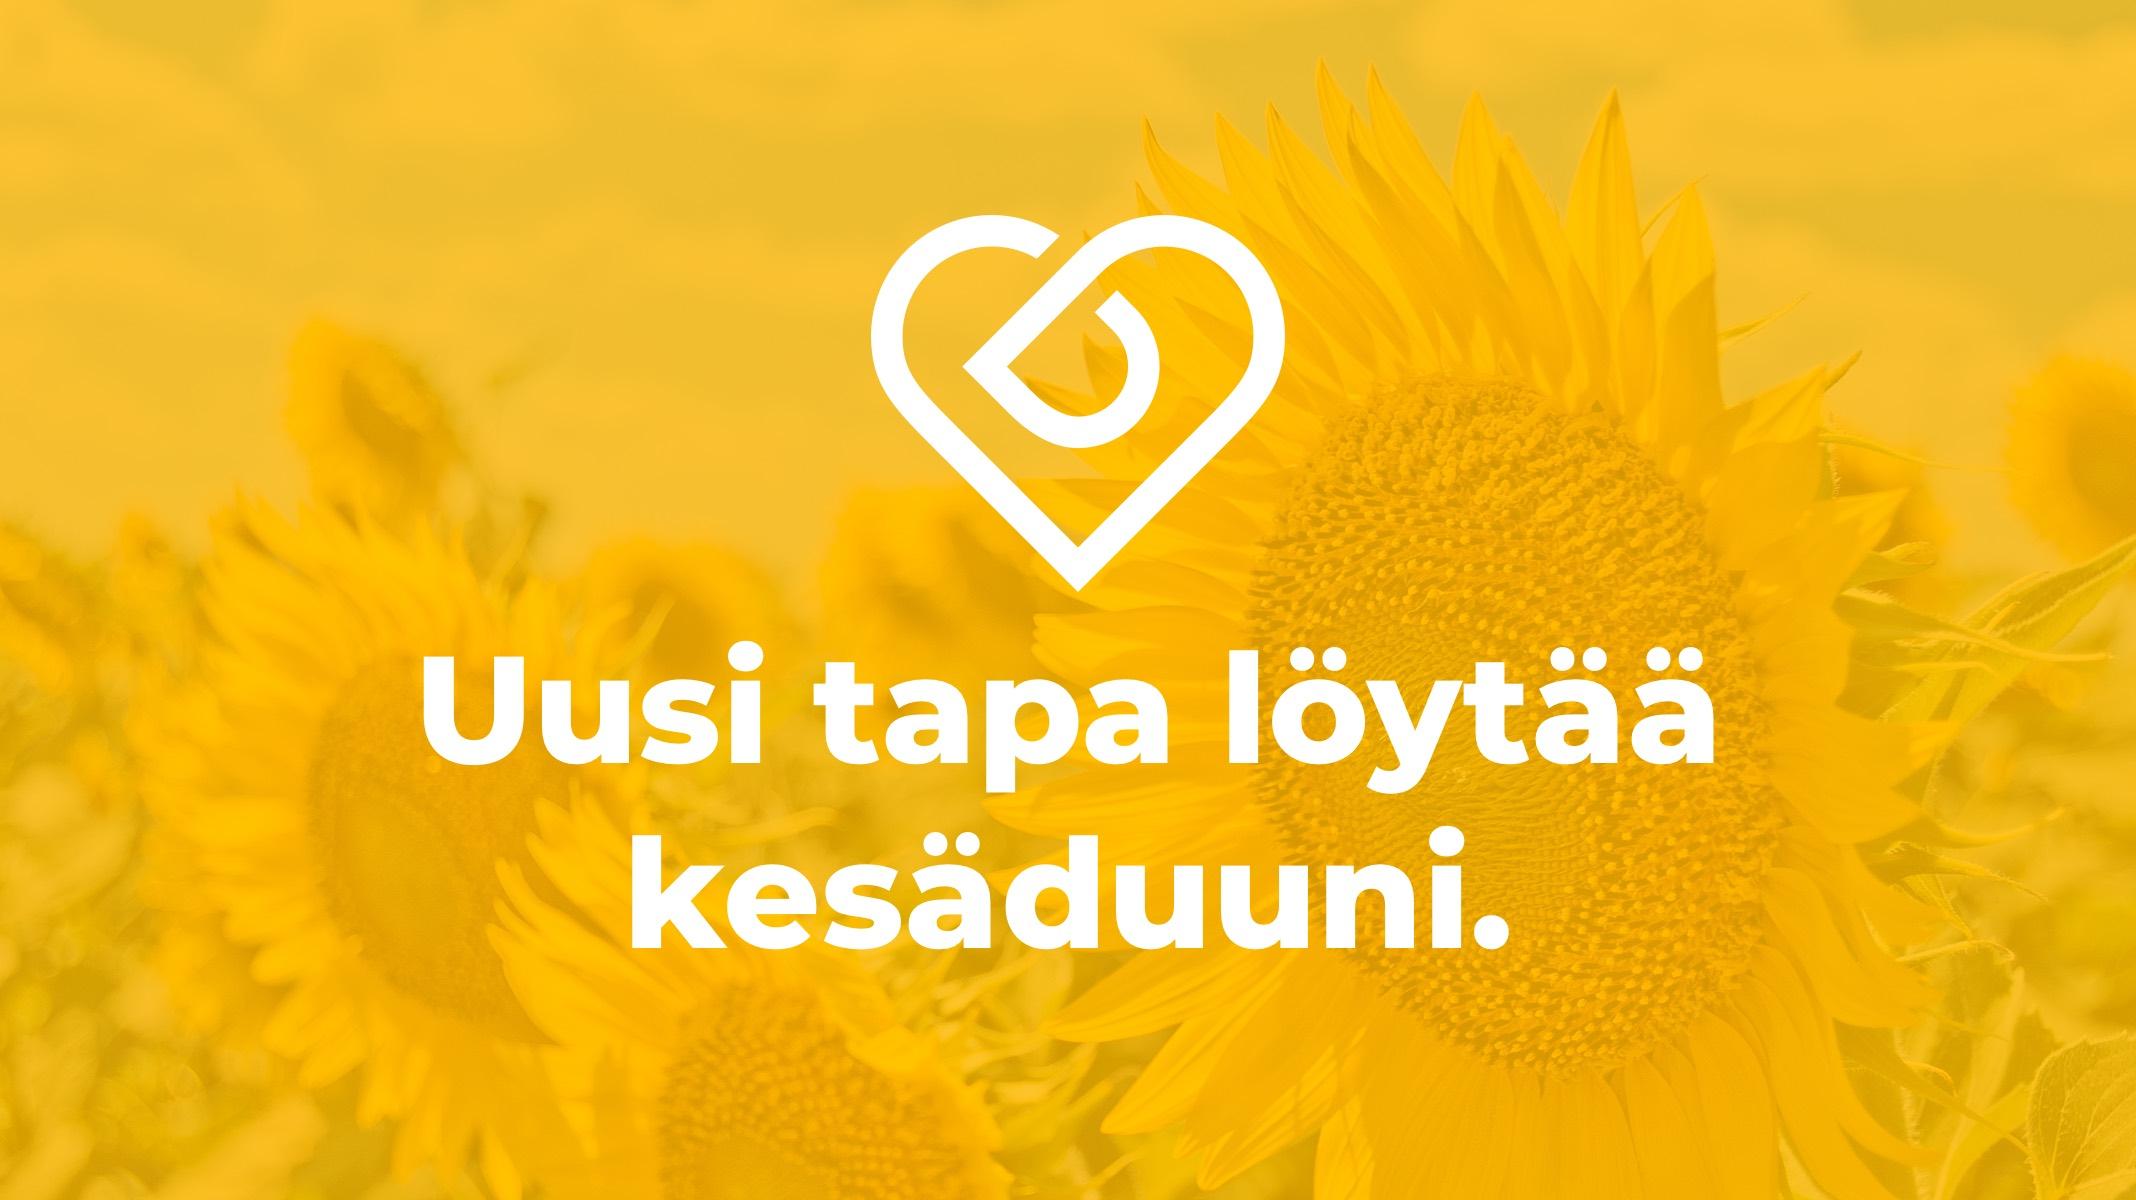 Tämä työpaikka, Myyjä, on ilmoitettu TE-palvelut-palvelussa 16.05.2018 ja sen on julkaissut Isku Koti Oy.